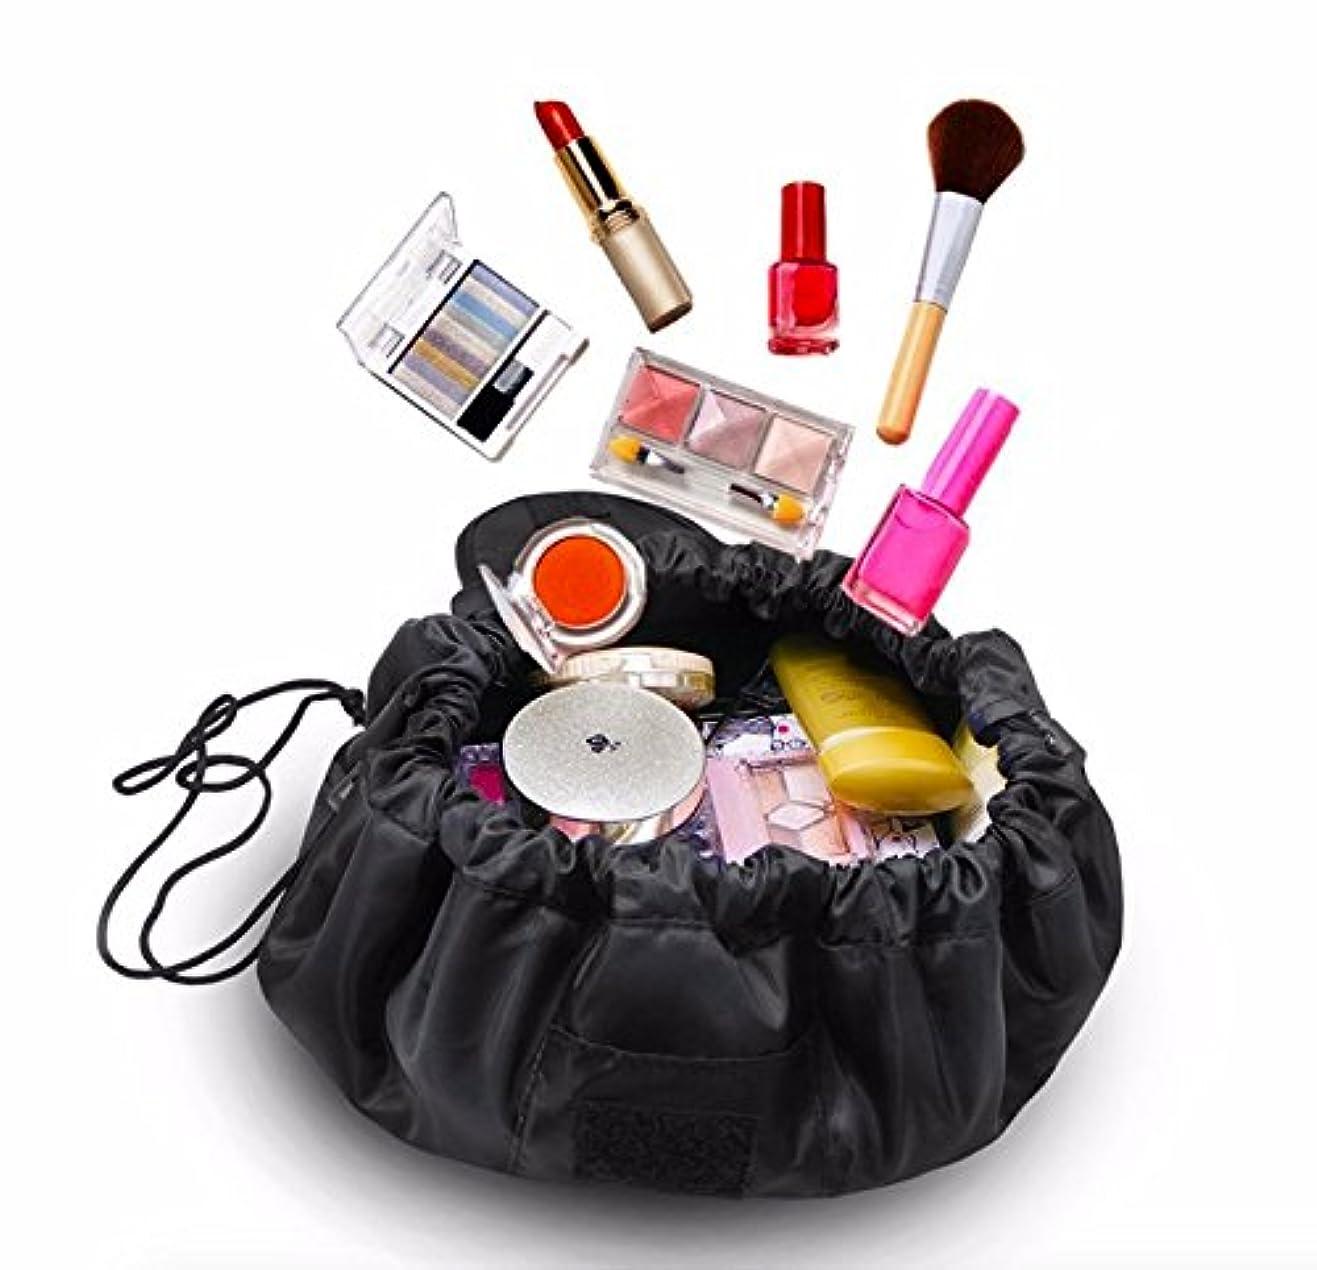 判定マルクス主義とまり木大容量 防水化粧品収納バッグ 折り畳み 外泊 出張 持ち運び旅行収納 (黒)